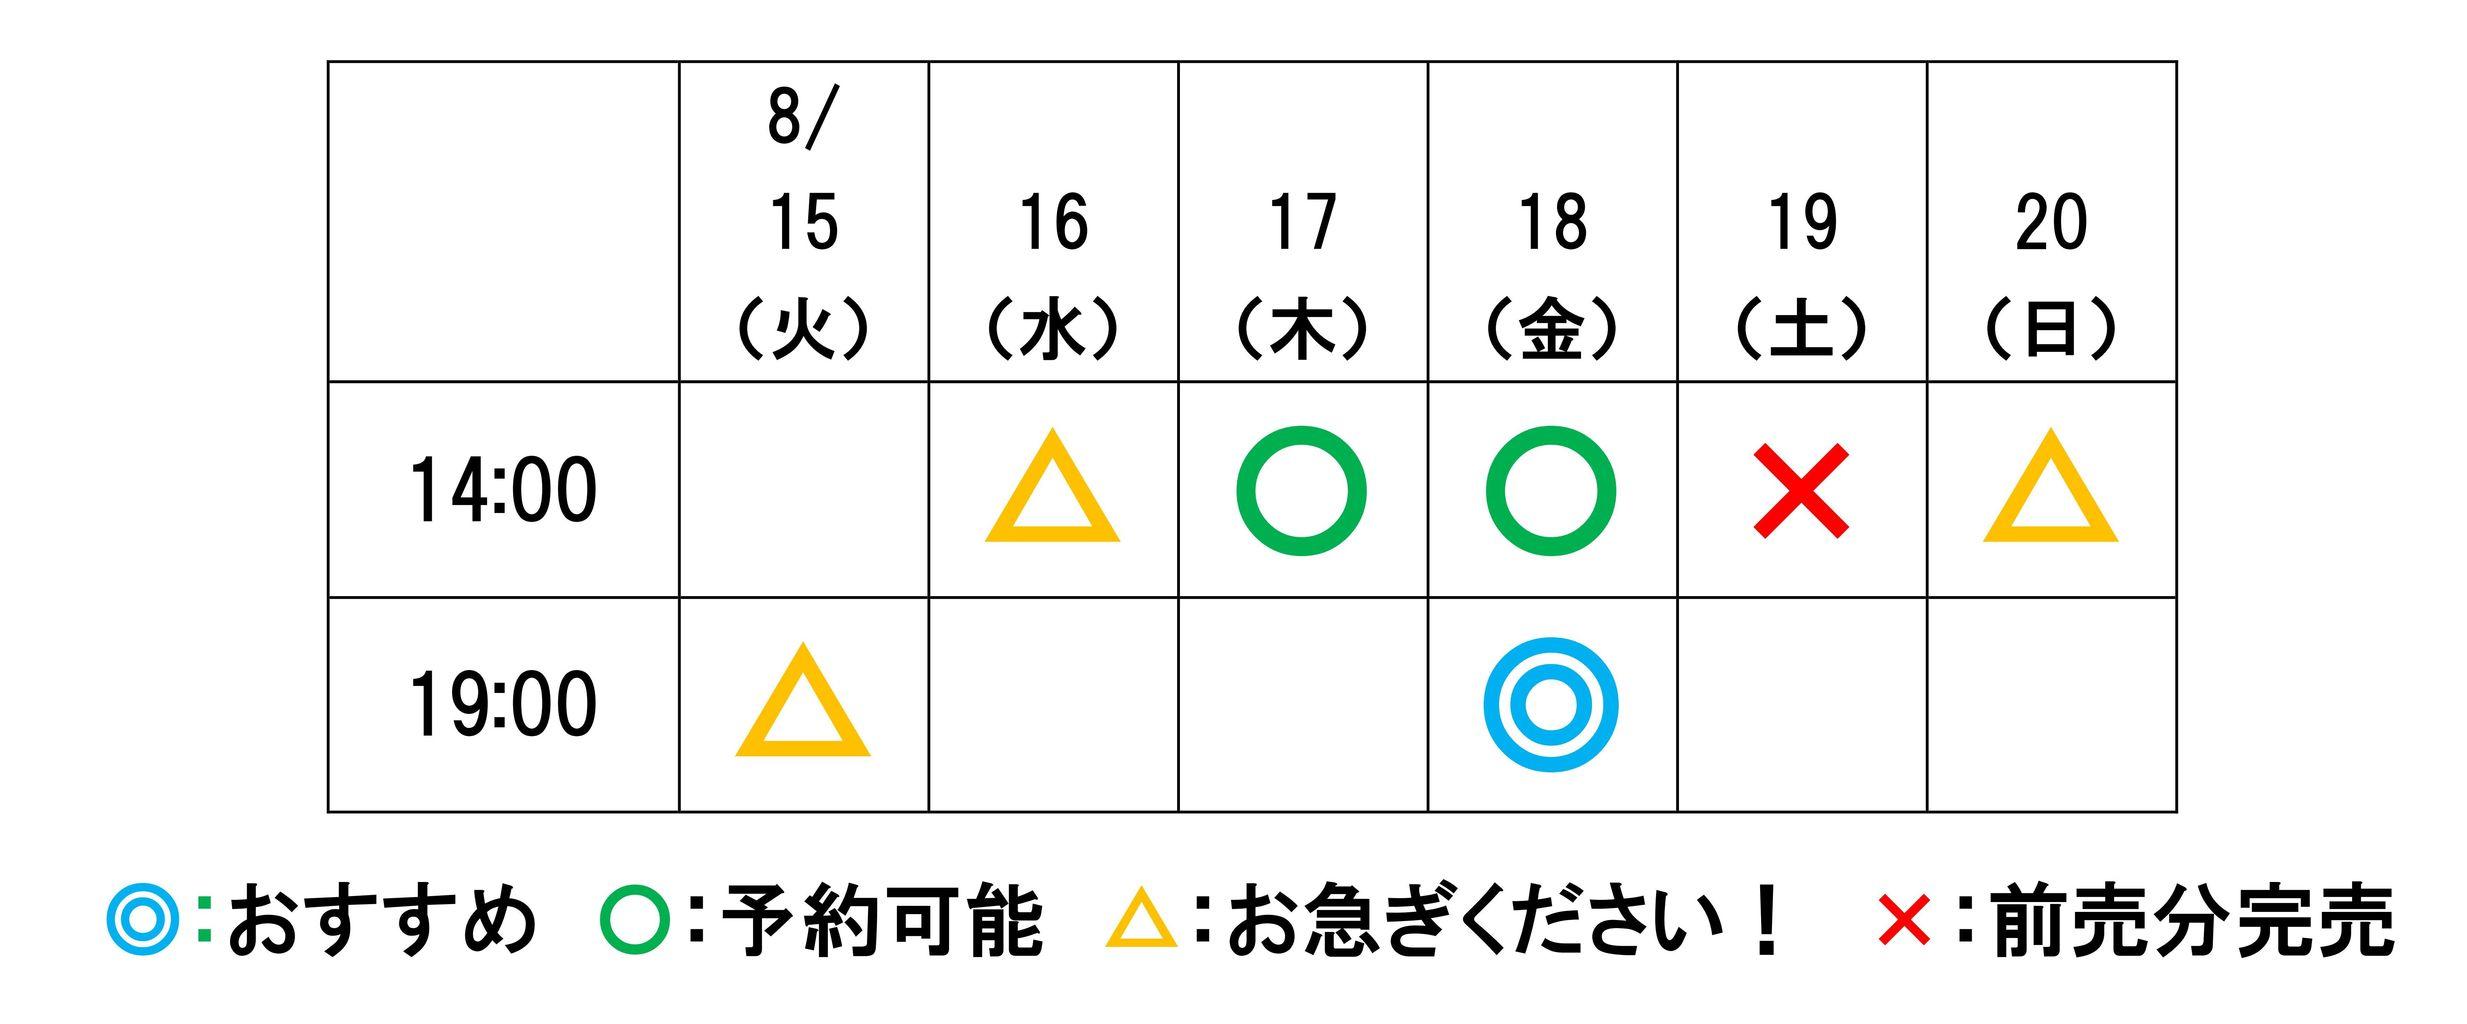 かあちゃんチケット8月9日